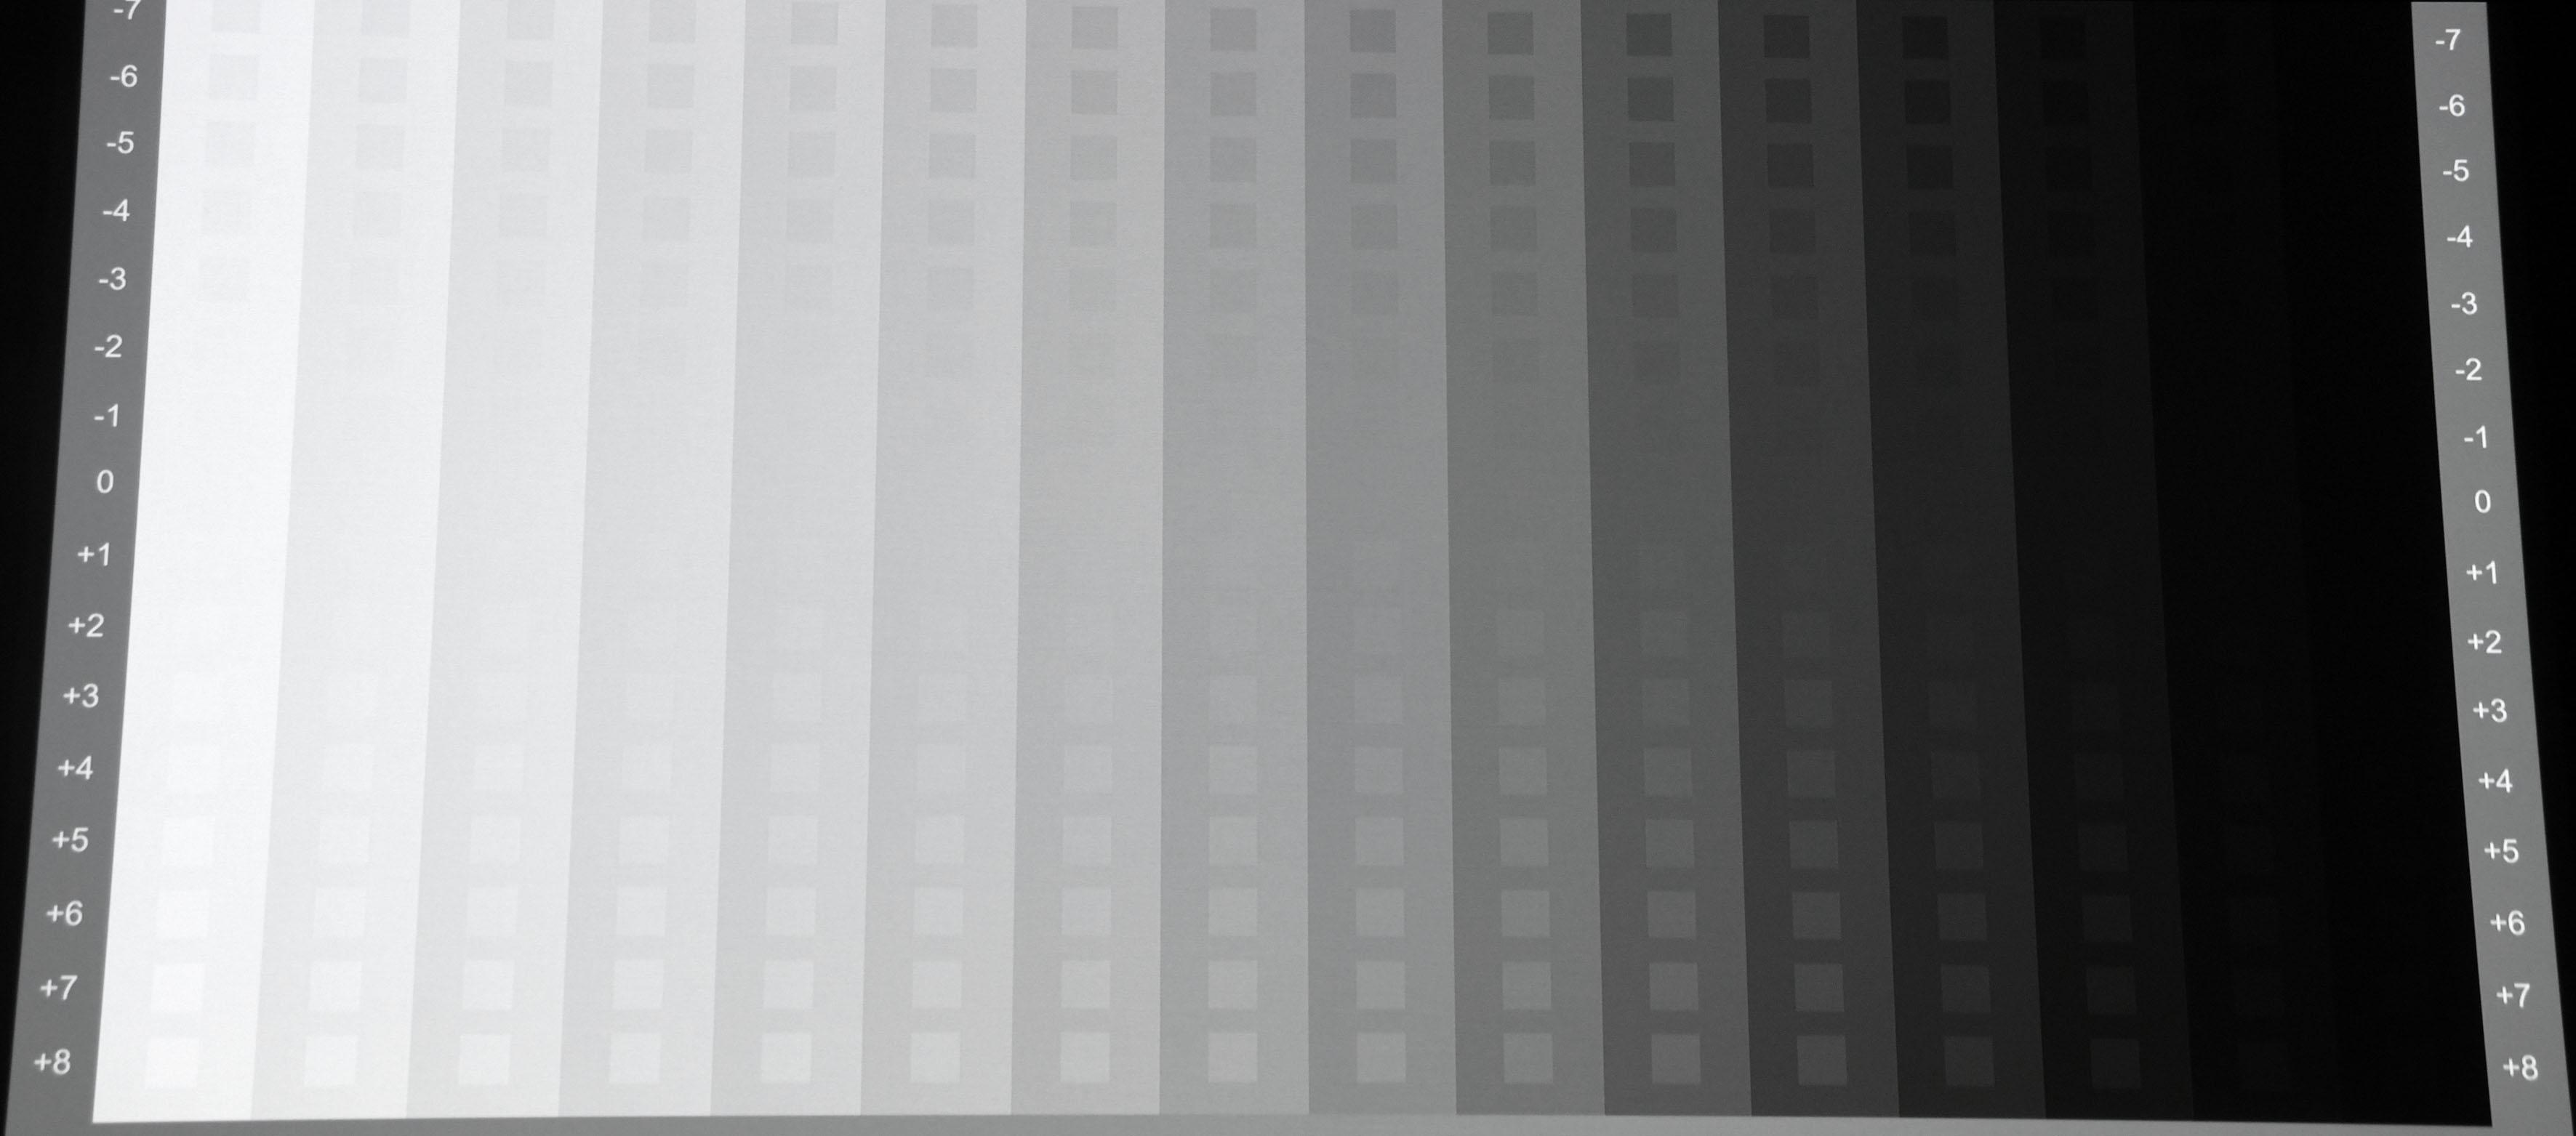 Grautreppe von Burosch: Nach der Kalibrierung (Bildmodus Kino) ist die Grautreppe vollkommen farbneutral. Auch sind jetzt alle Abstufungen nahe Schwarz und Weiß vorhanden.